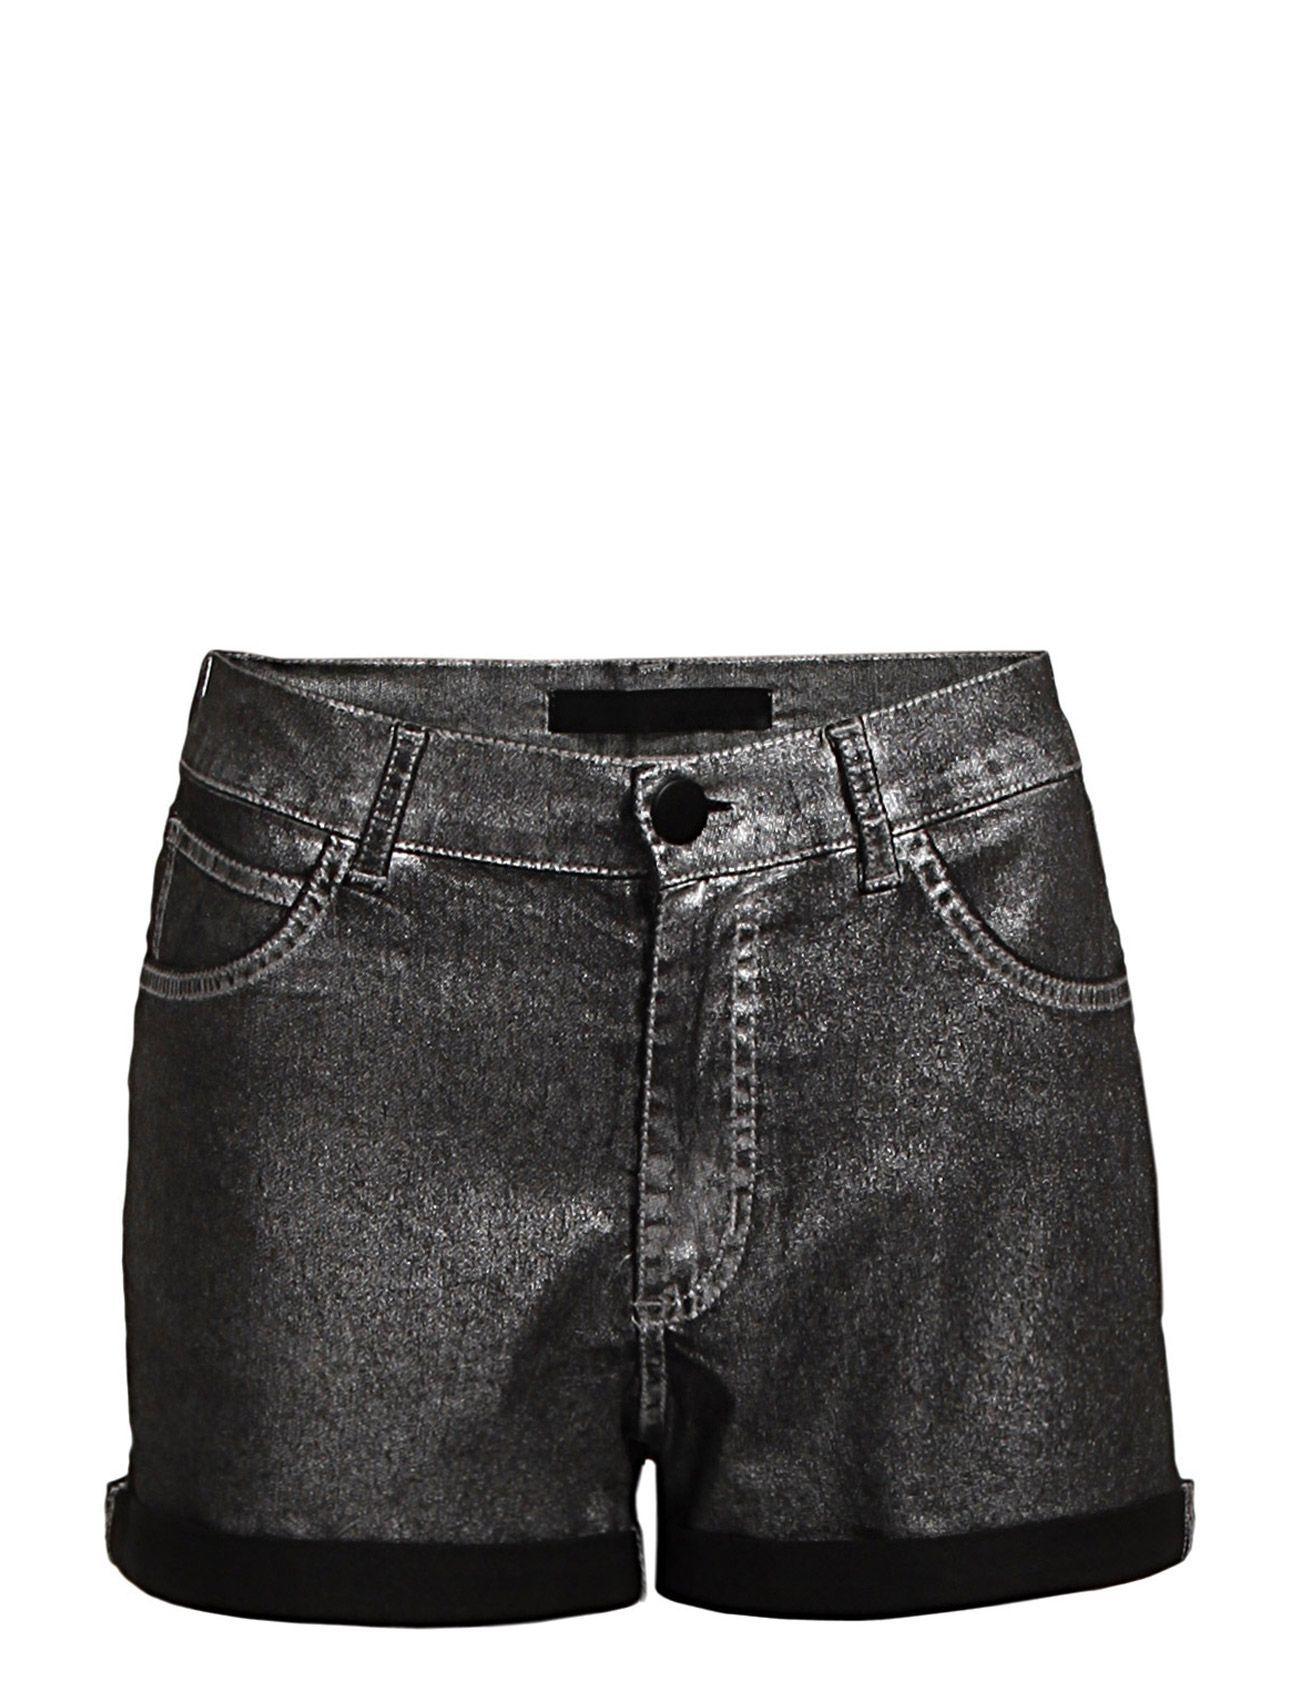 Strong Shorts